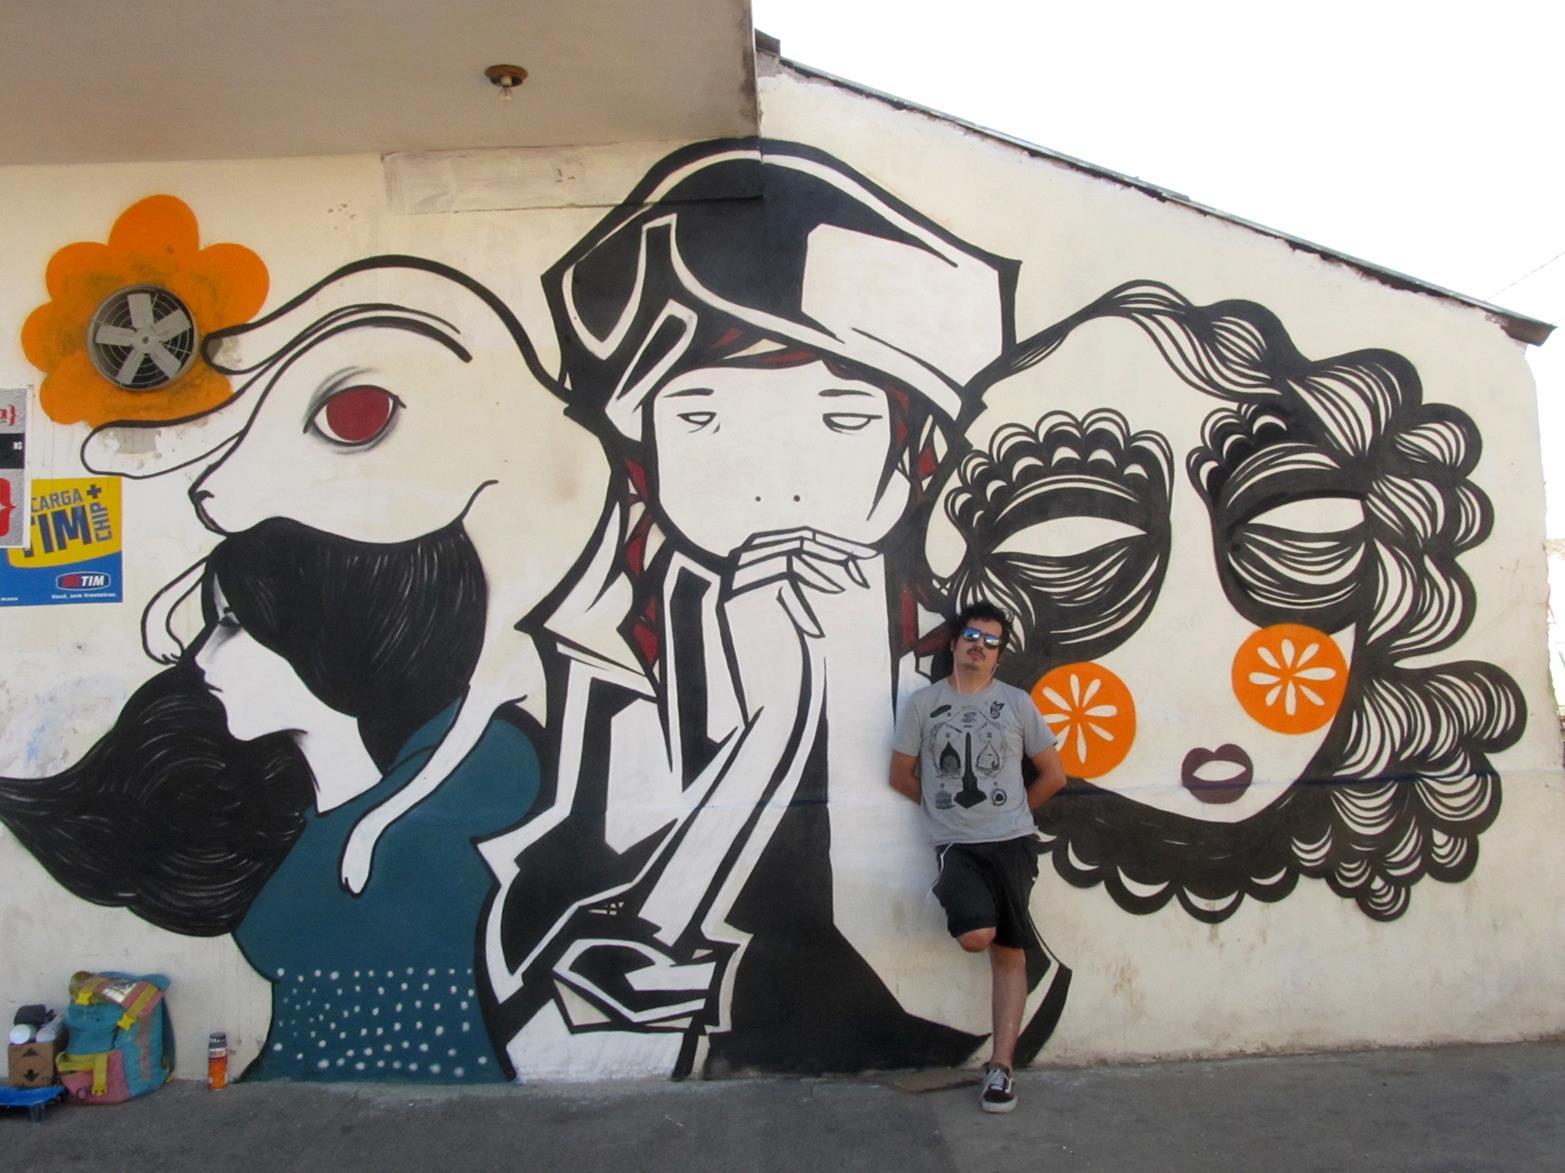 diogenes-machado-dsm-ilustração-pintura-graffiti-porto-alegre-dionisio-arte-3